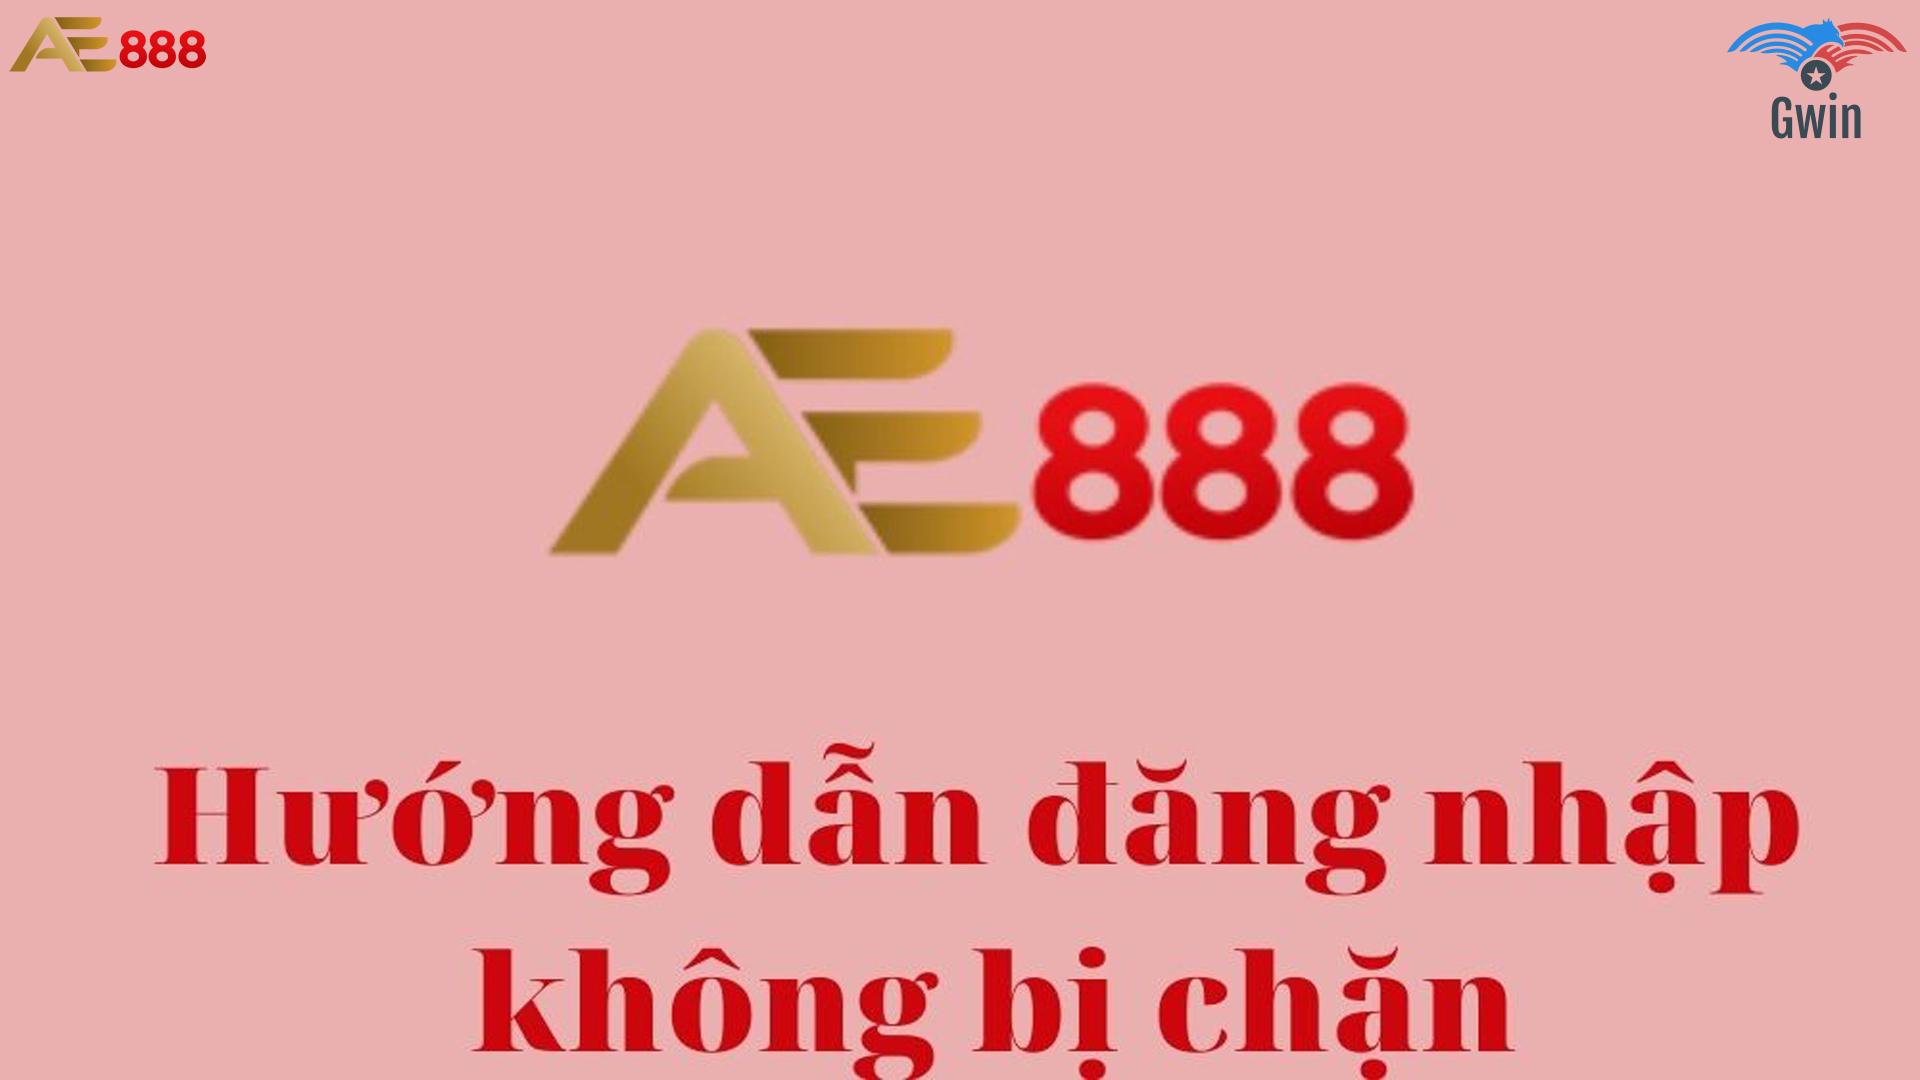 Lý do link đăng nhập AE888 bị chặn